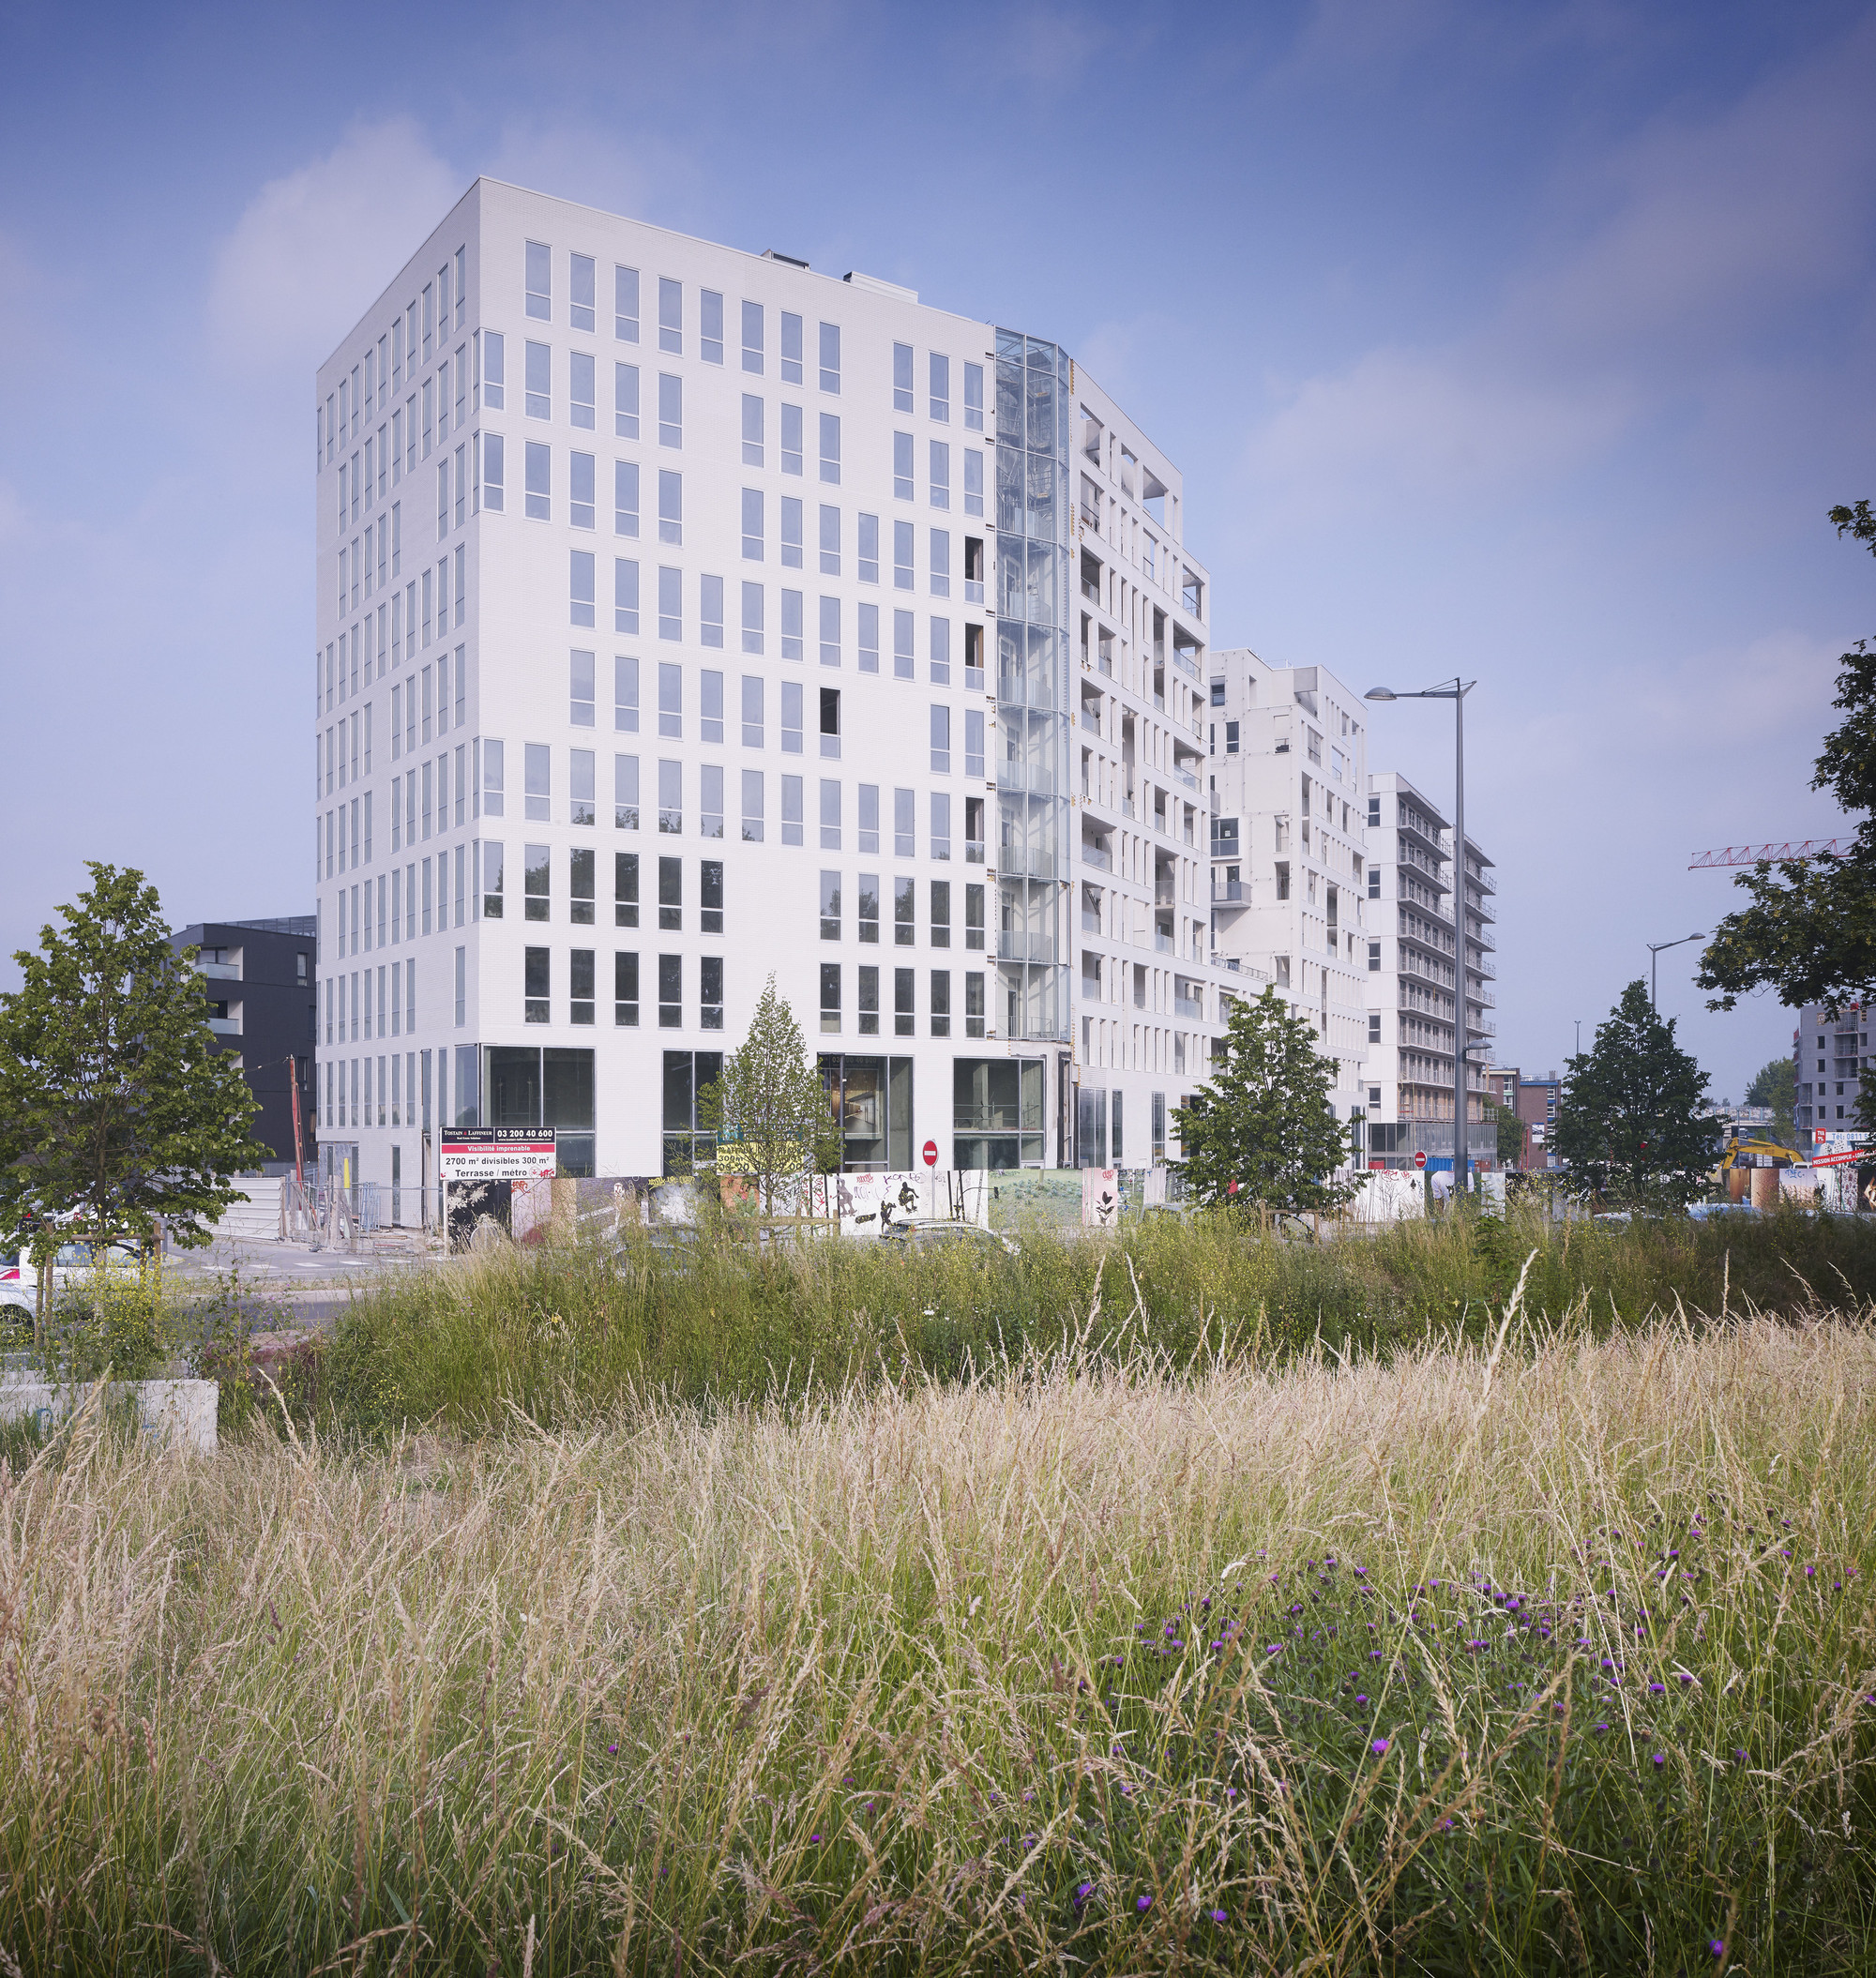 Galer a de l arboretum coldefy associ s architectes for Architecte urbaniste de l etat